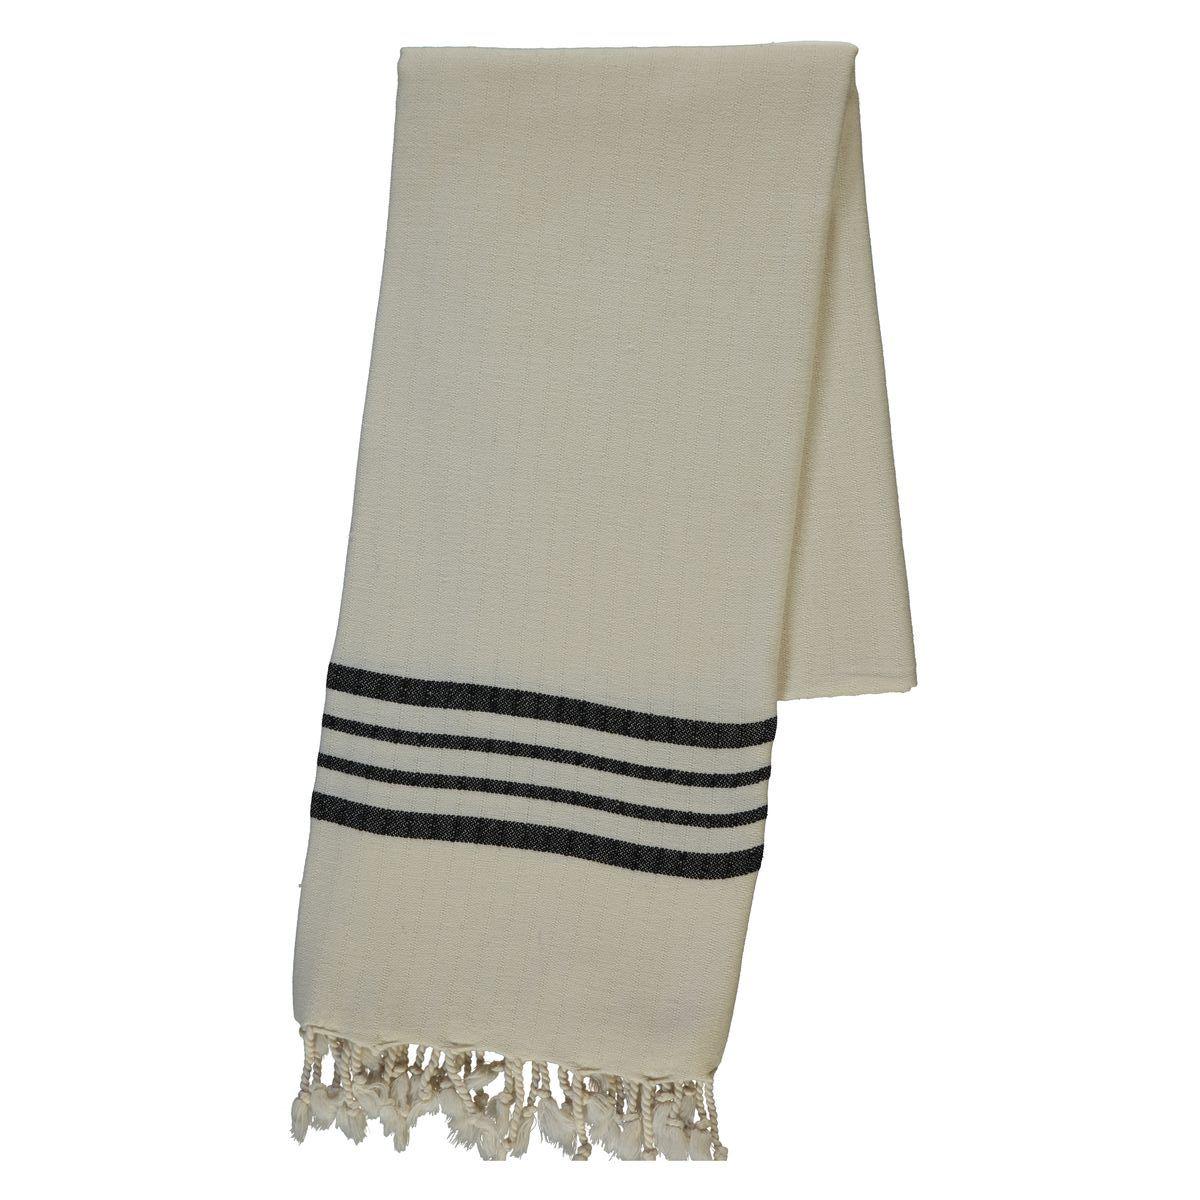 Peshtemal Sultan - Black Stripes